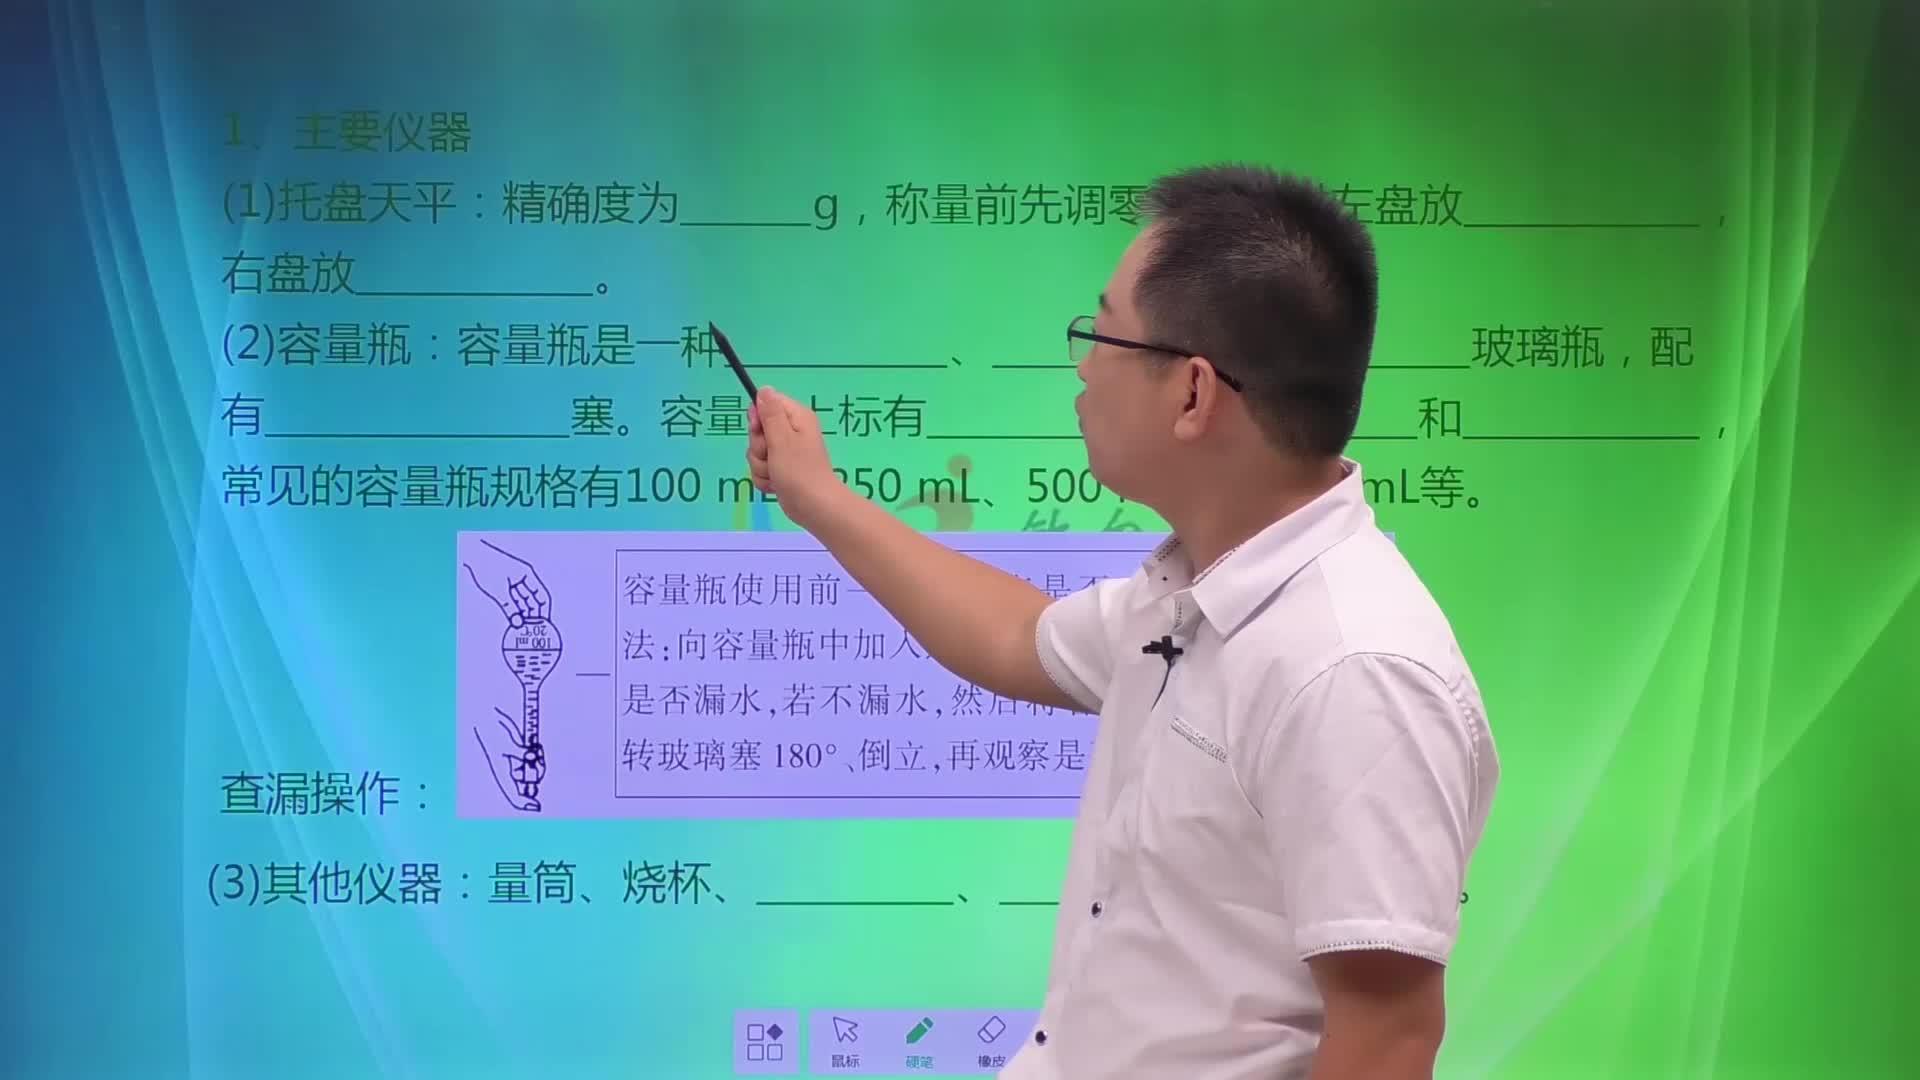 视频05 分析溶液配制过程的误差-直击2020高考化学